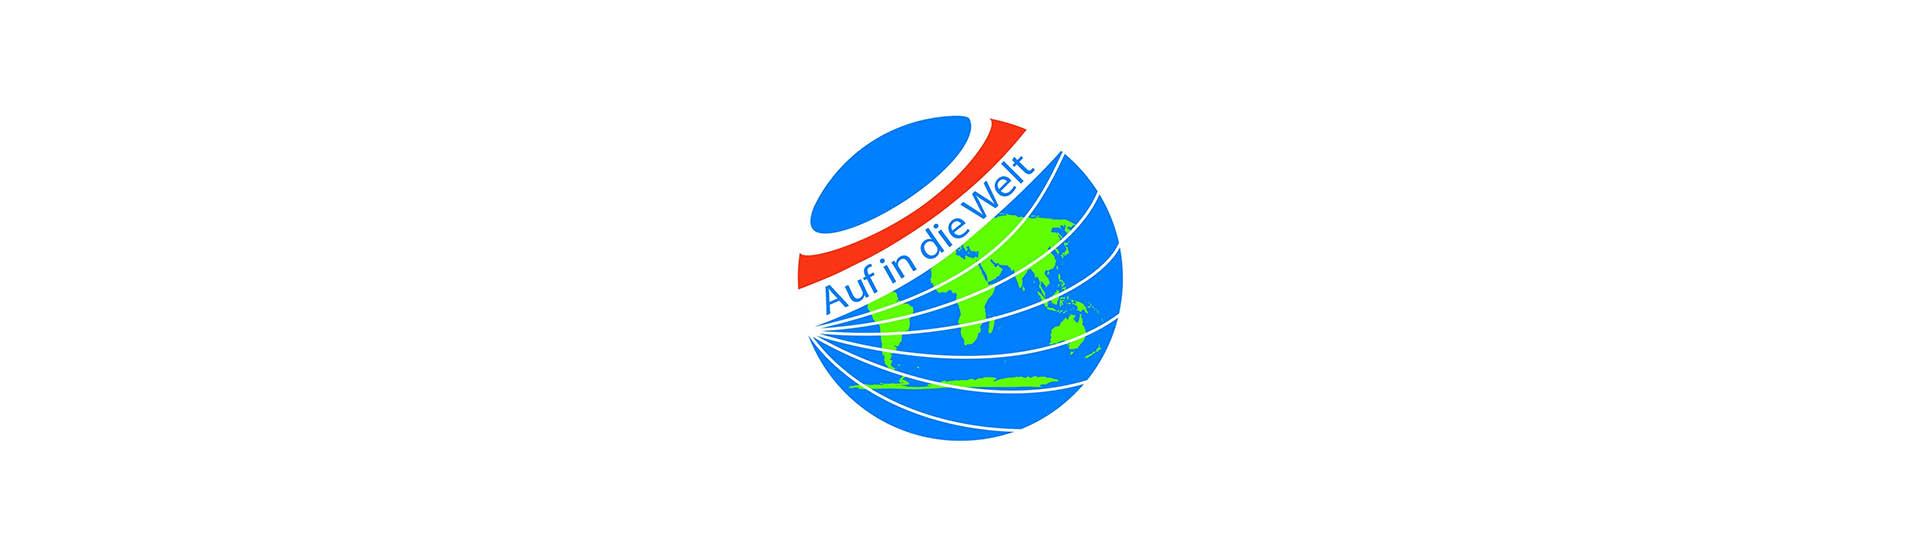 Logo Messe Auf in die Welt